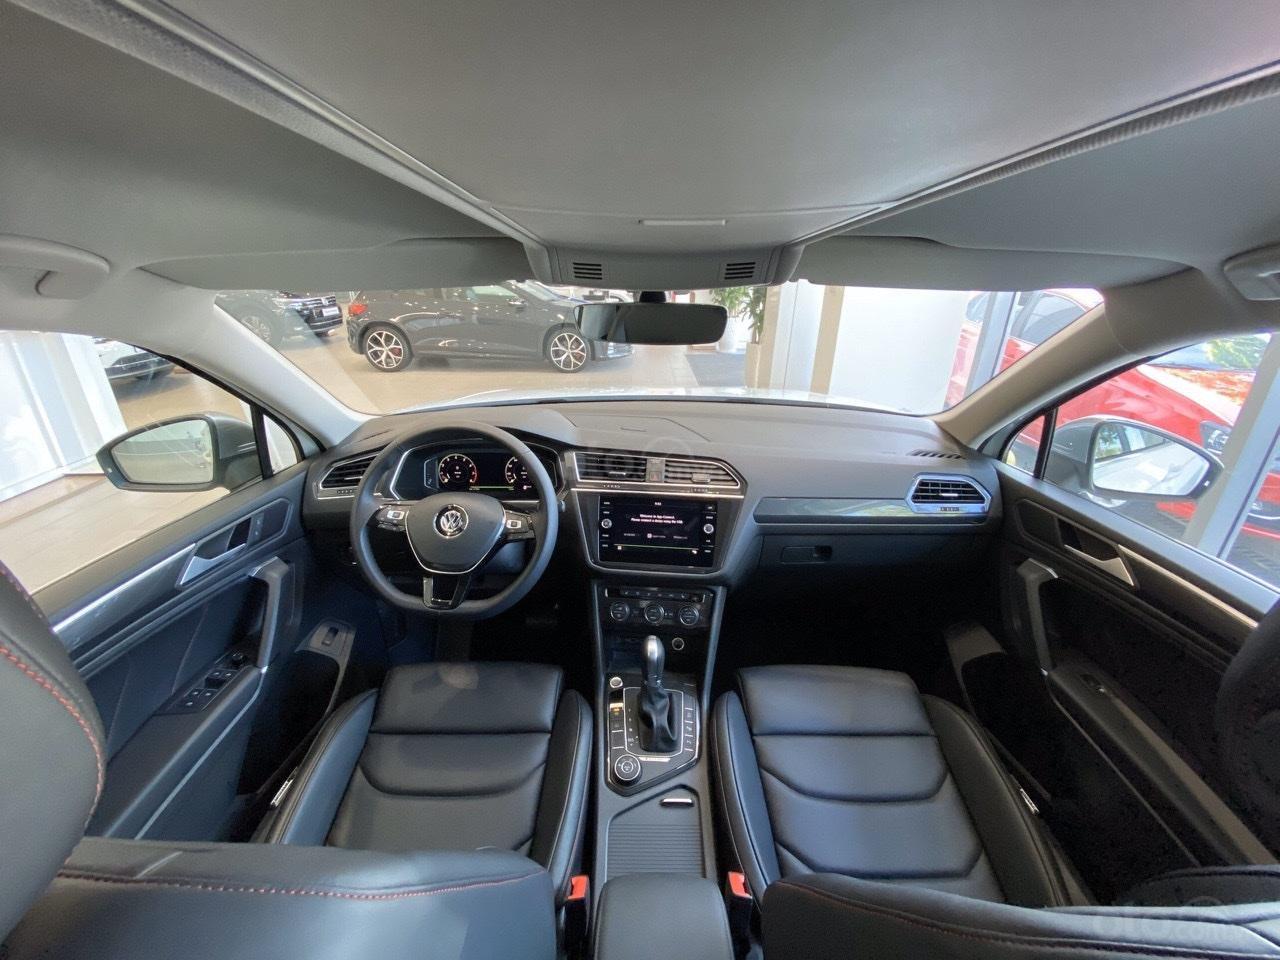 Xe Tiguan Luxury xanh rêu - khuyến mãi giá tốt - SUV 7 chỗ nhập khẩu (9)